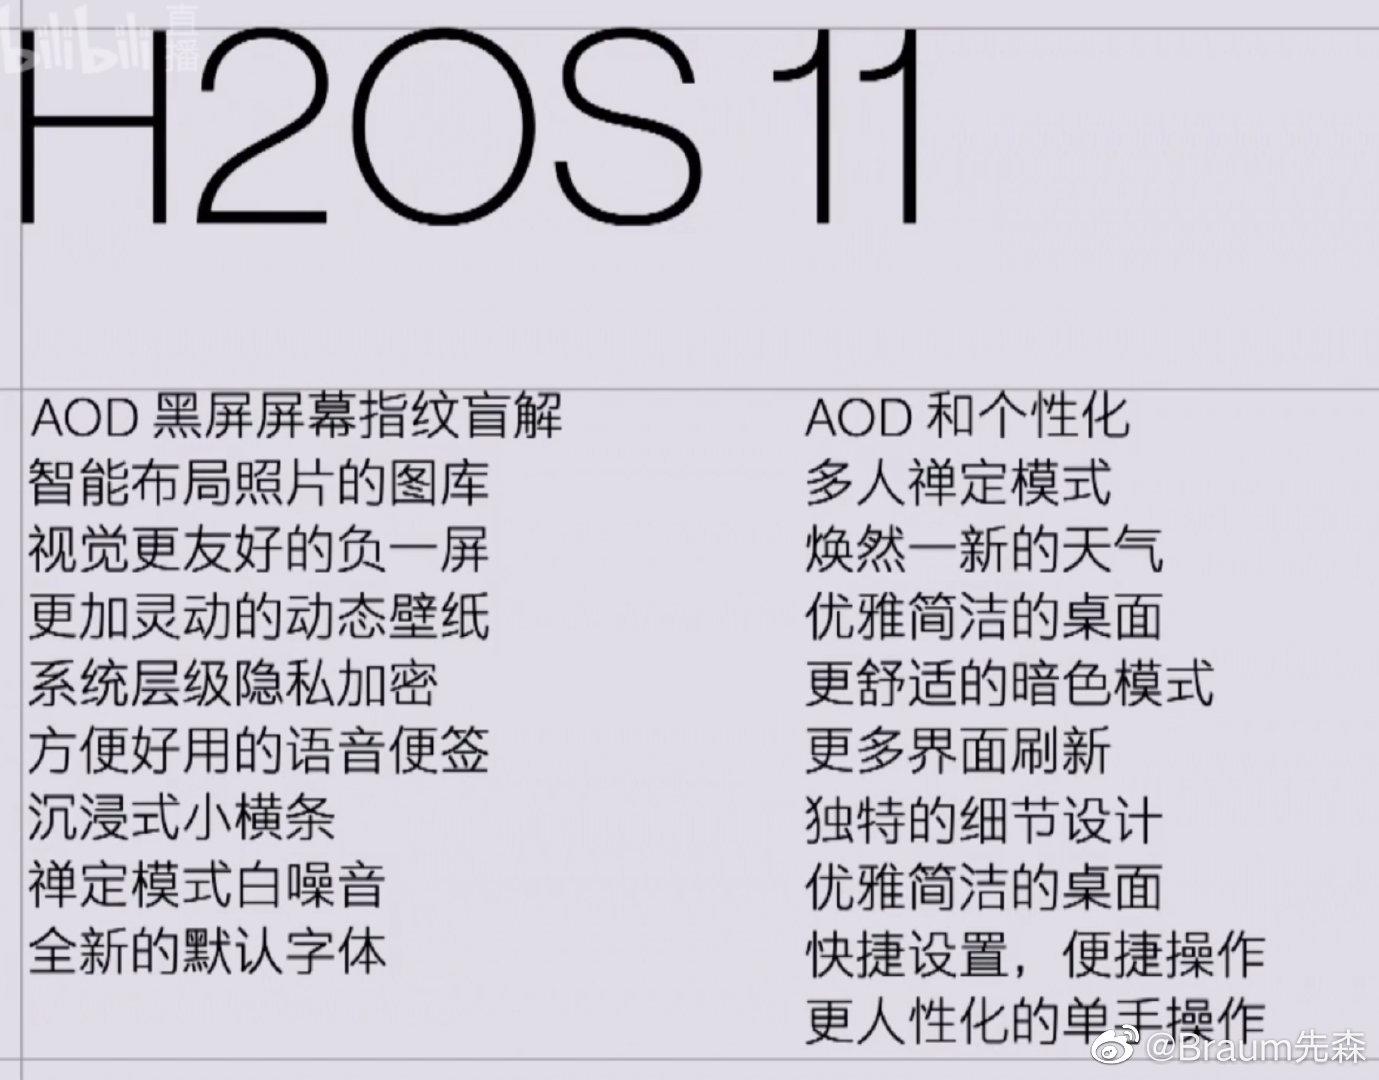 氢OS 11全部特性一览,一加8和8P用户今天可以下测试版